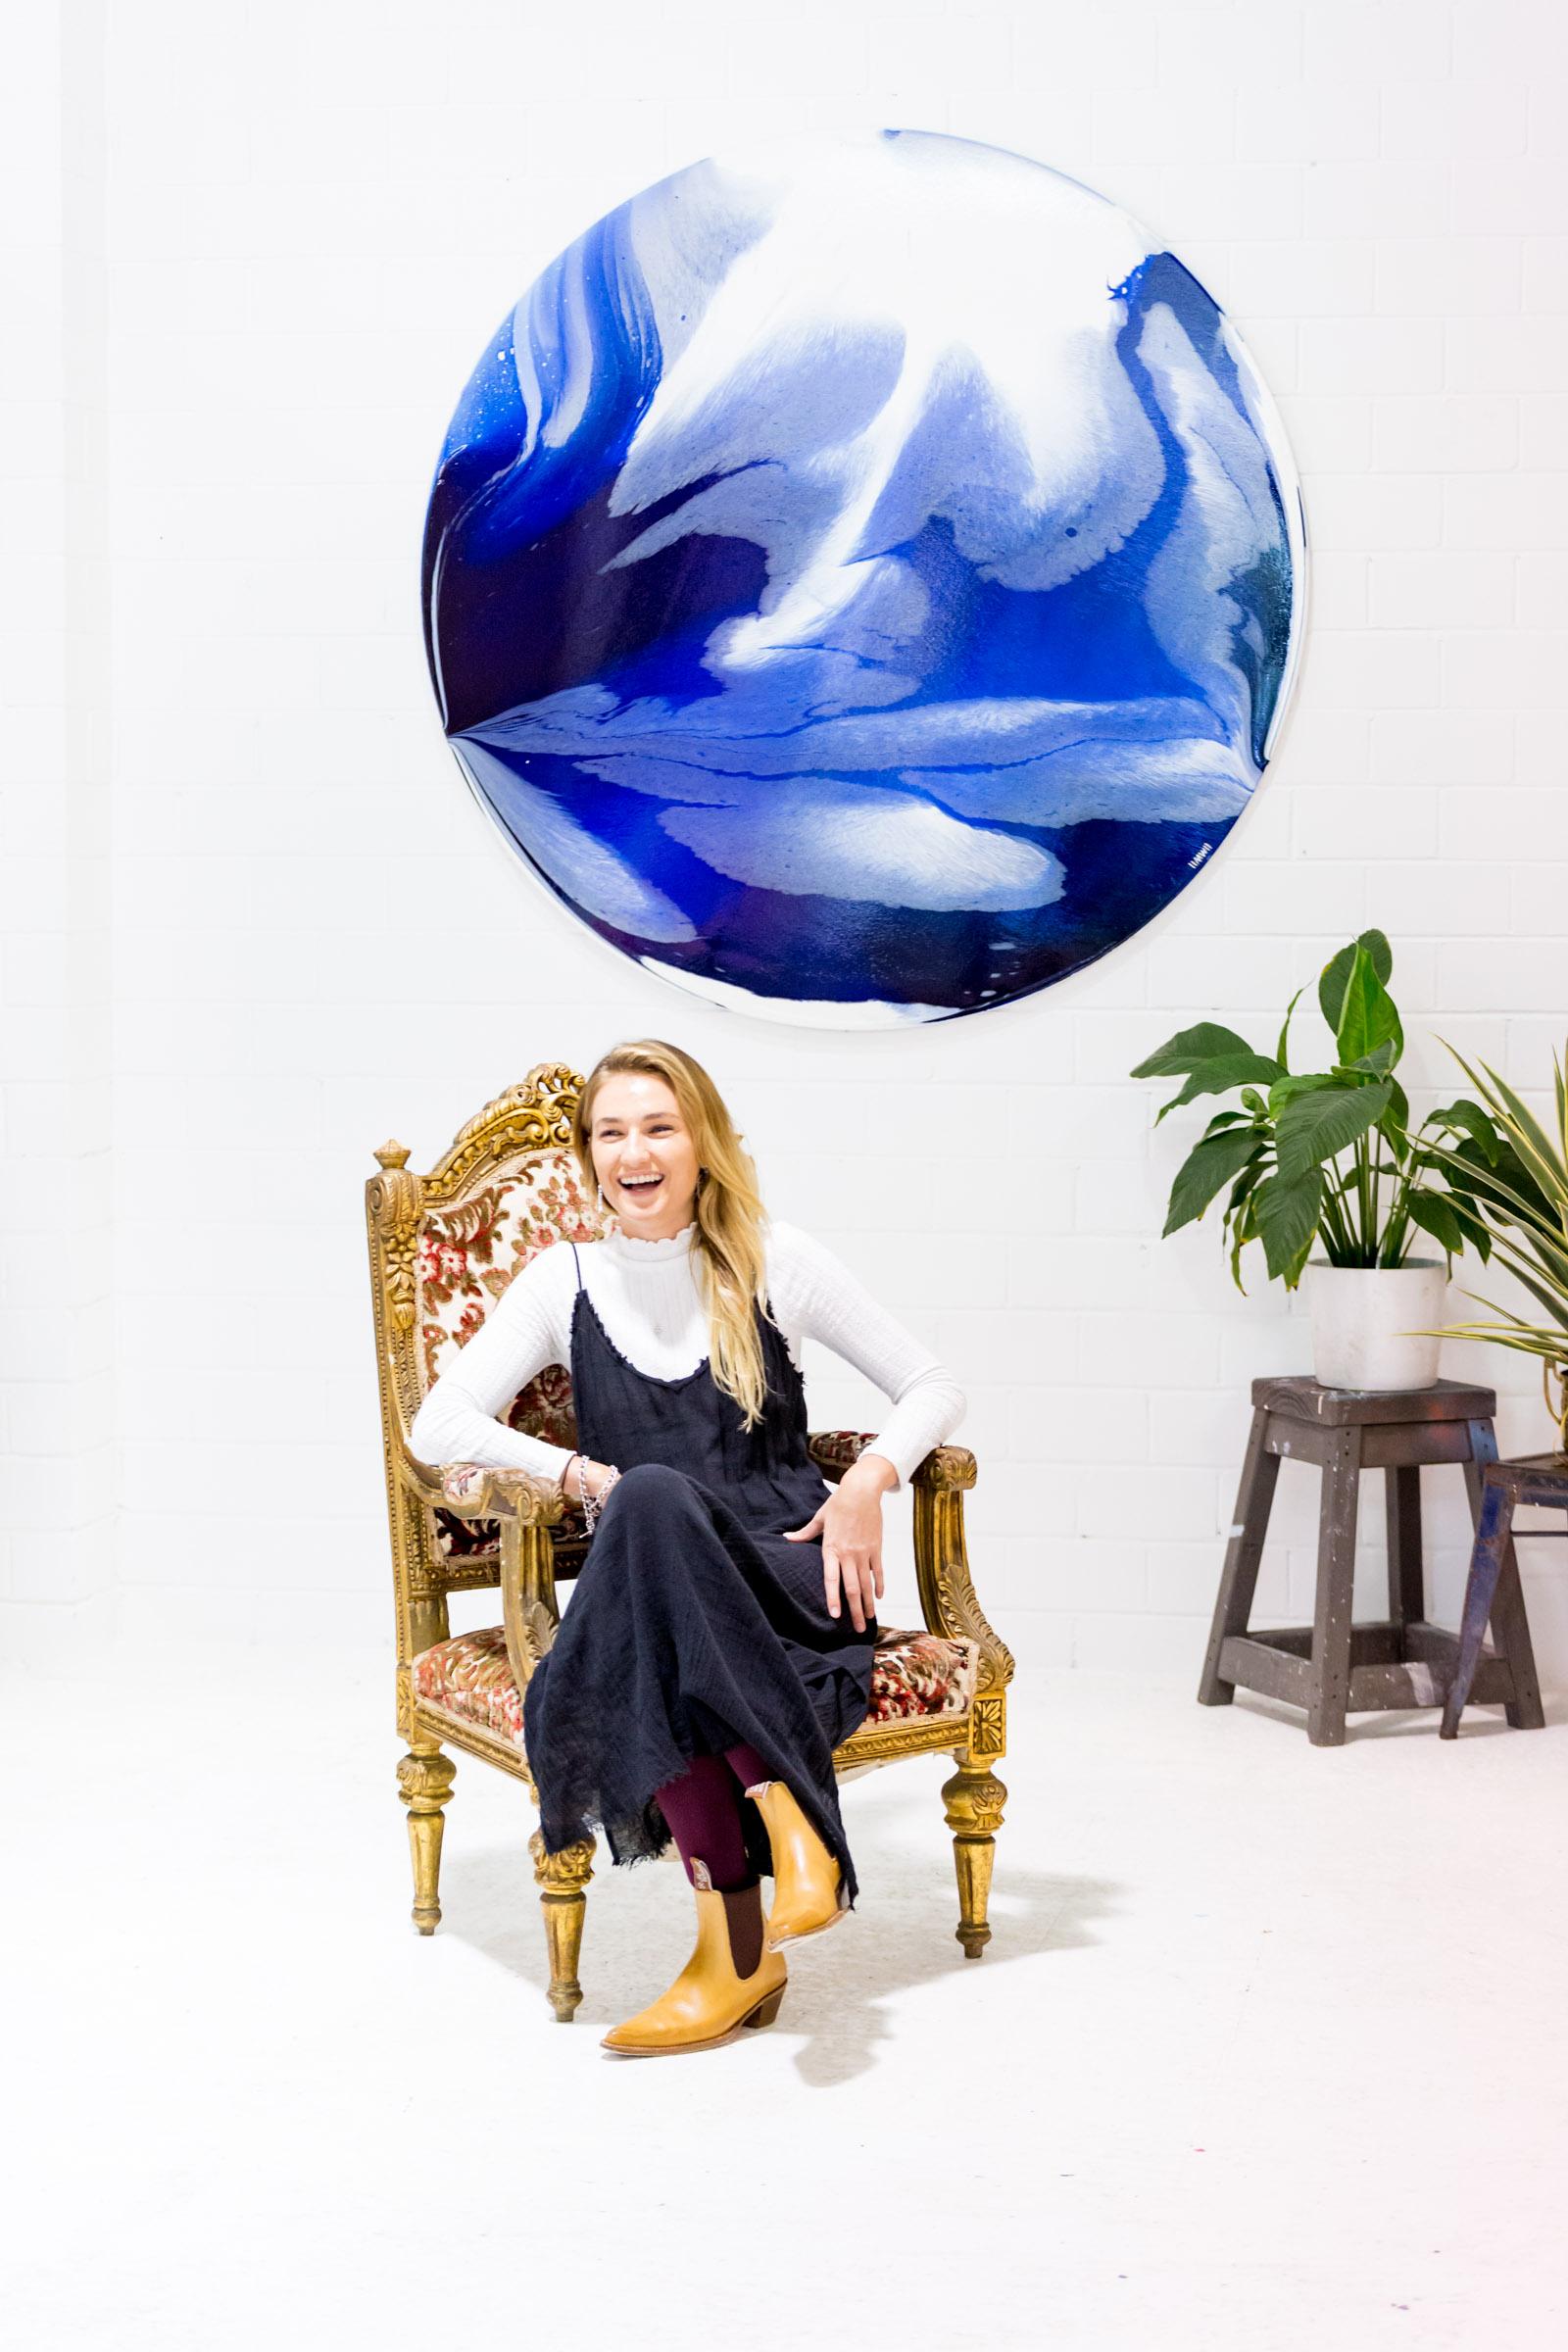 Art Pharmacy artist, Ingrid Wilson with her works